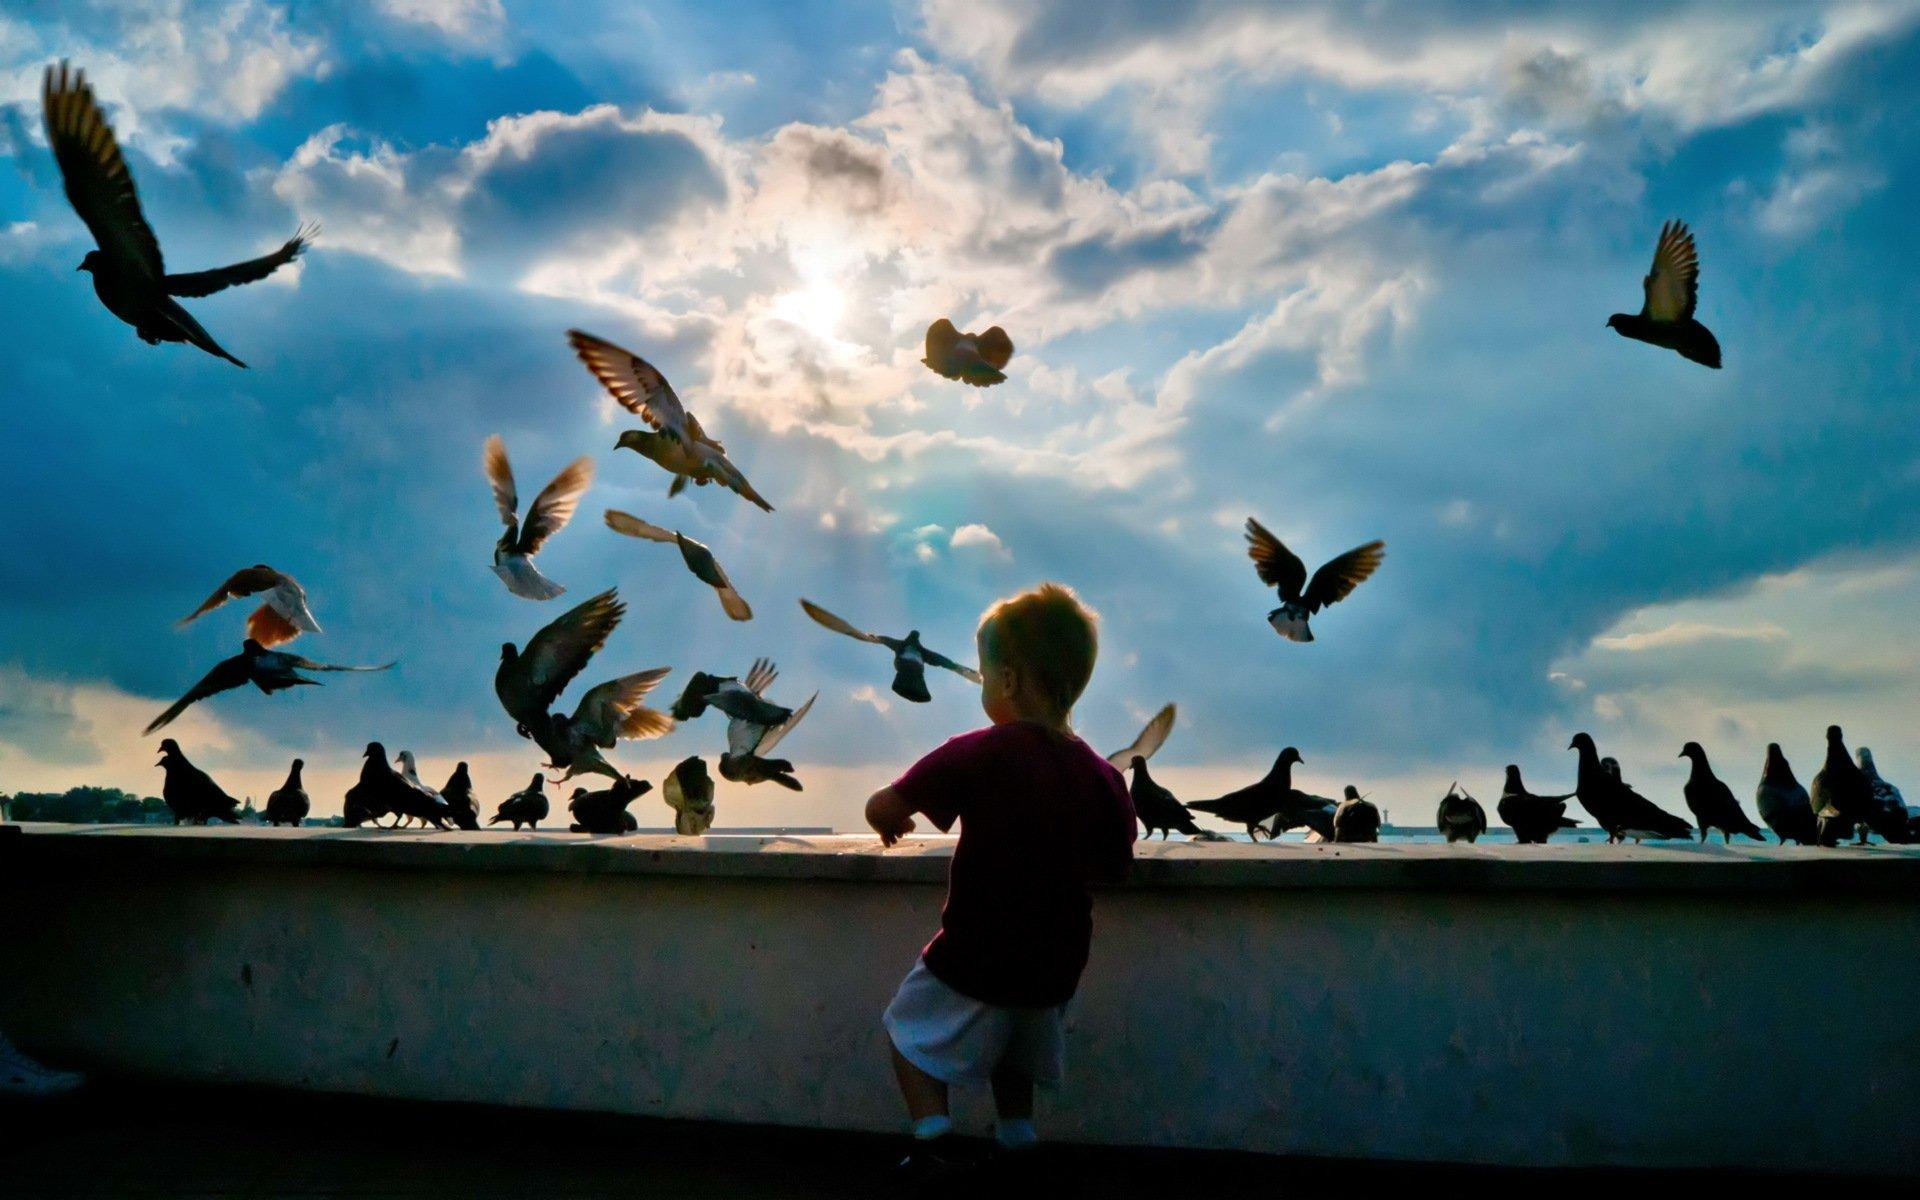 Отношения птиц и людей на улицах города